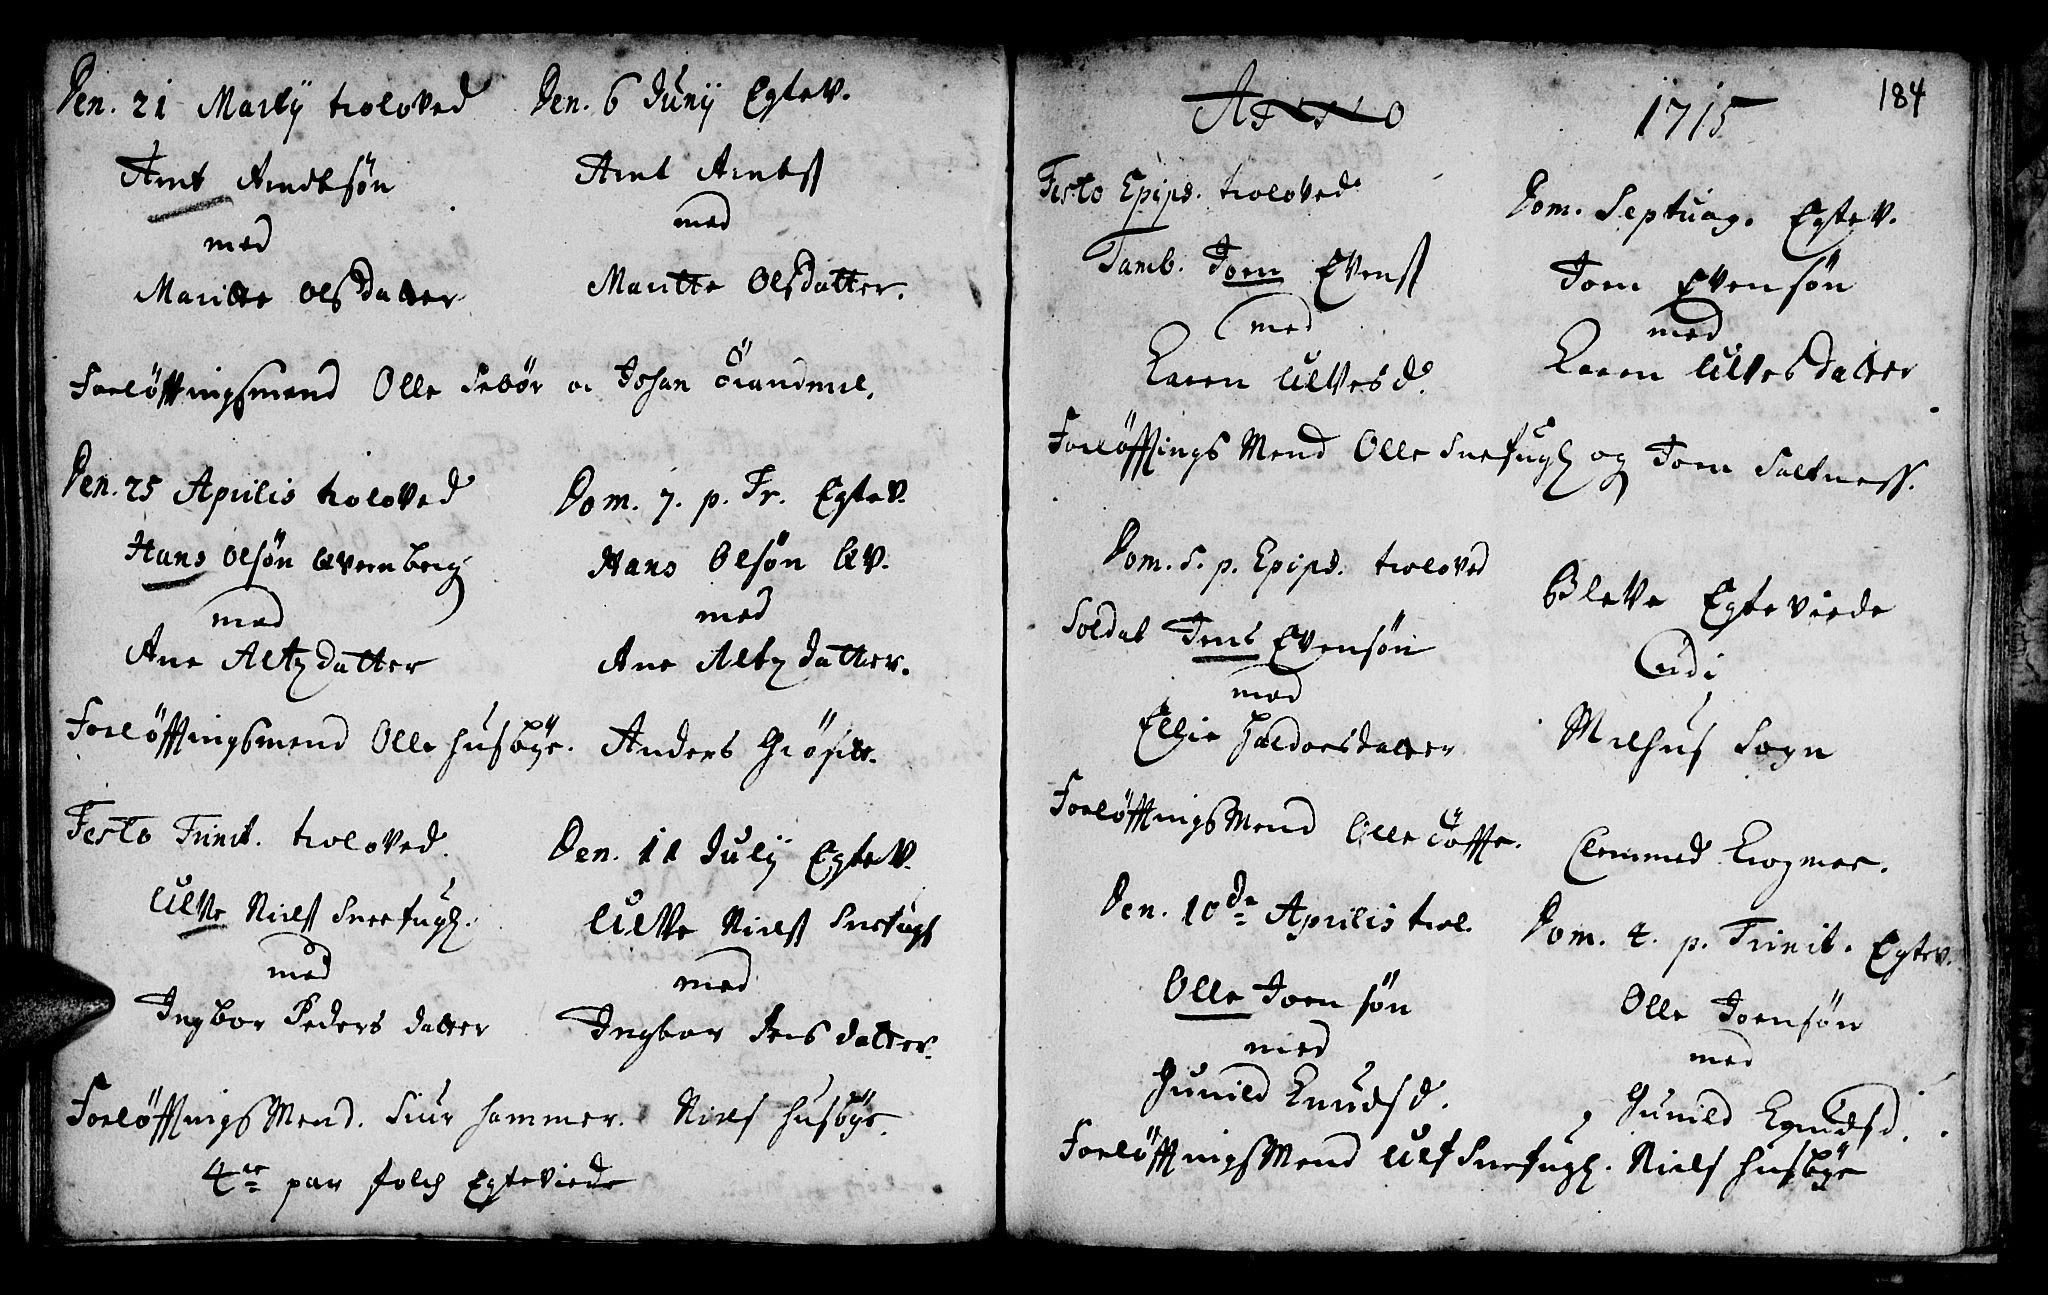 SAT, Ministerialprotokoller, klokkerbøker og fødselsregistre - Sør-Trøndelag, 666/L0783: Ministerialbok nr. 666A01, 1702-1753, s. 184